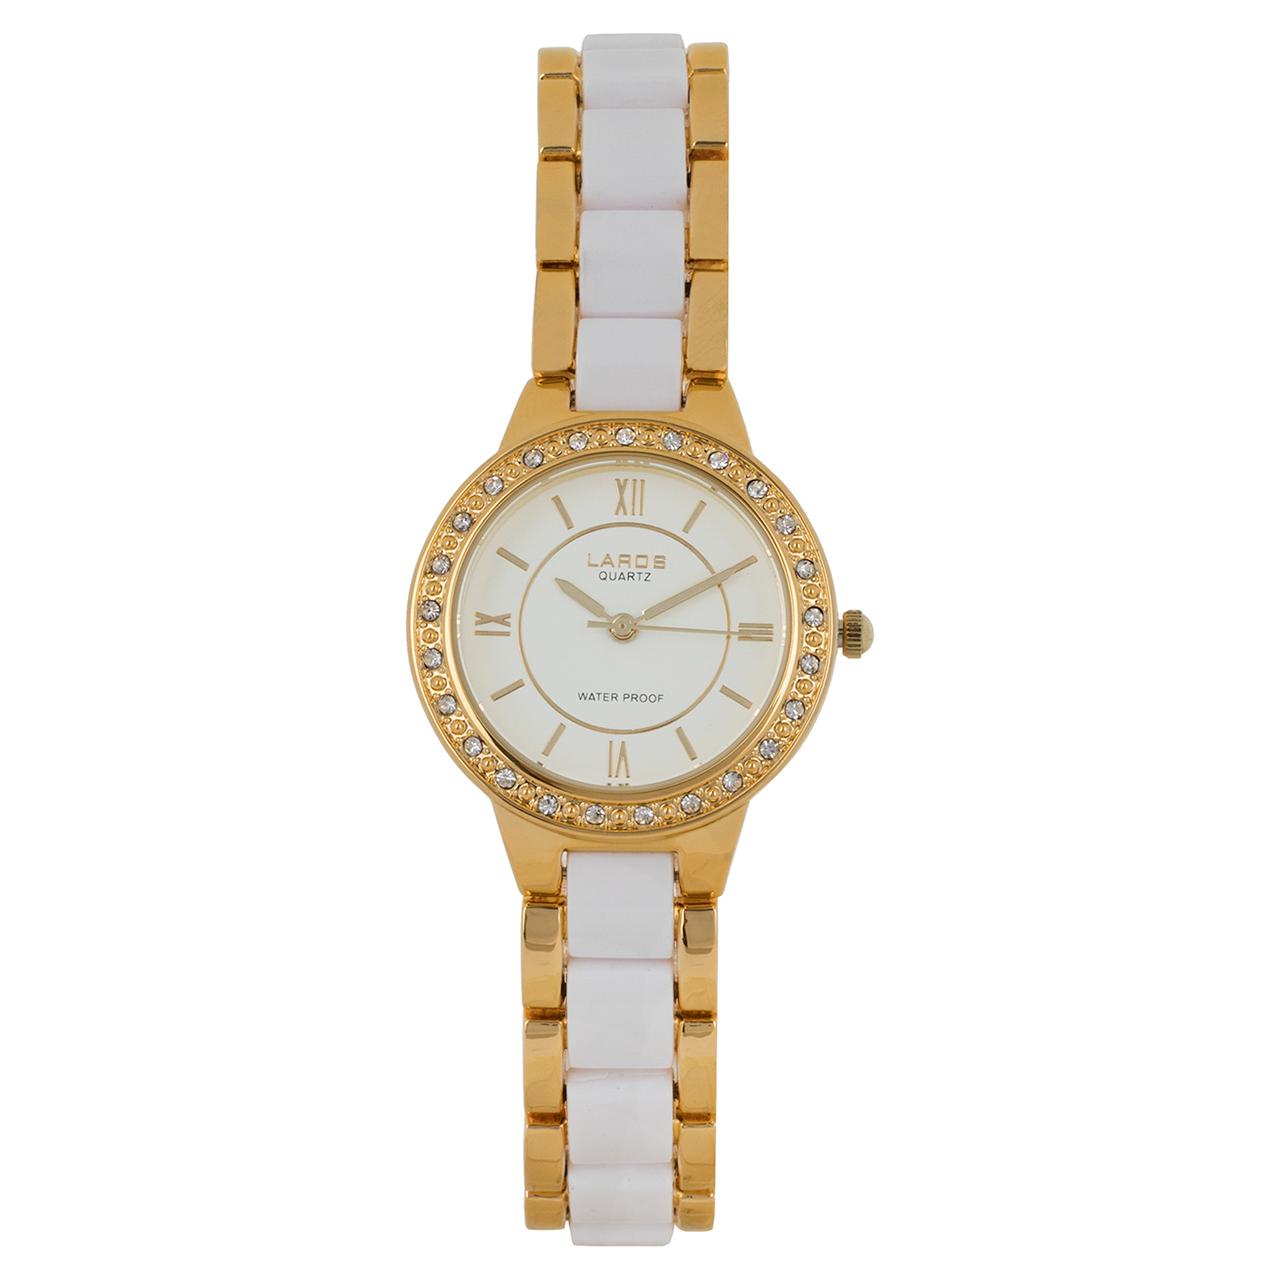 خرید ساعت مچی عقربه ای زنانه لاروس مدل No 0917-80100c